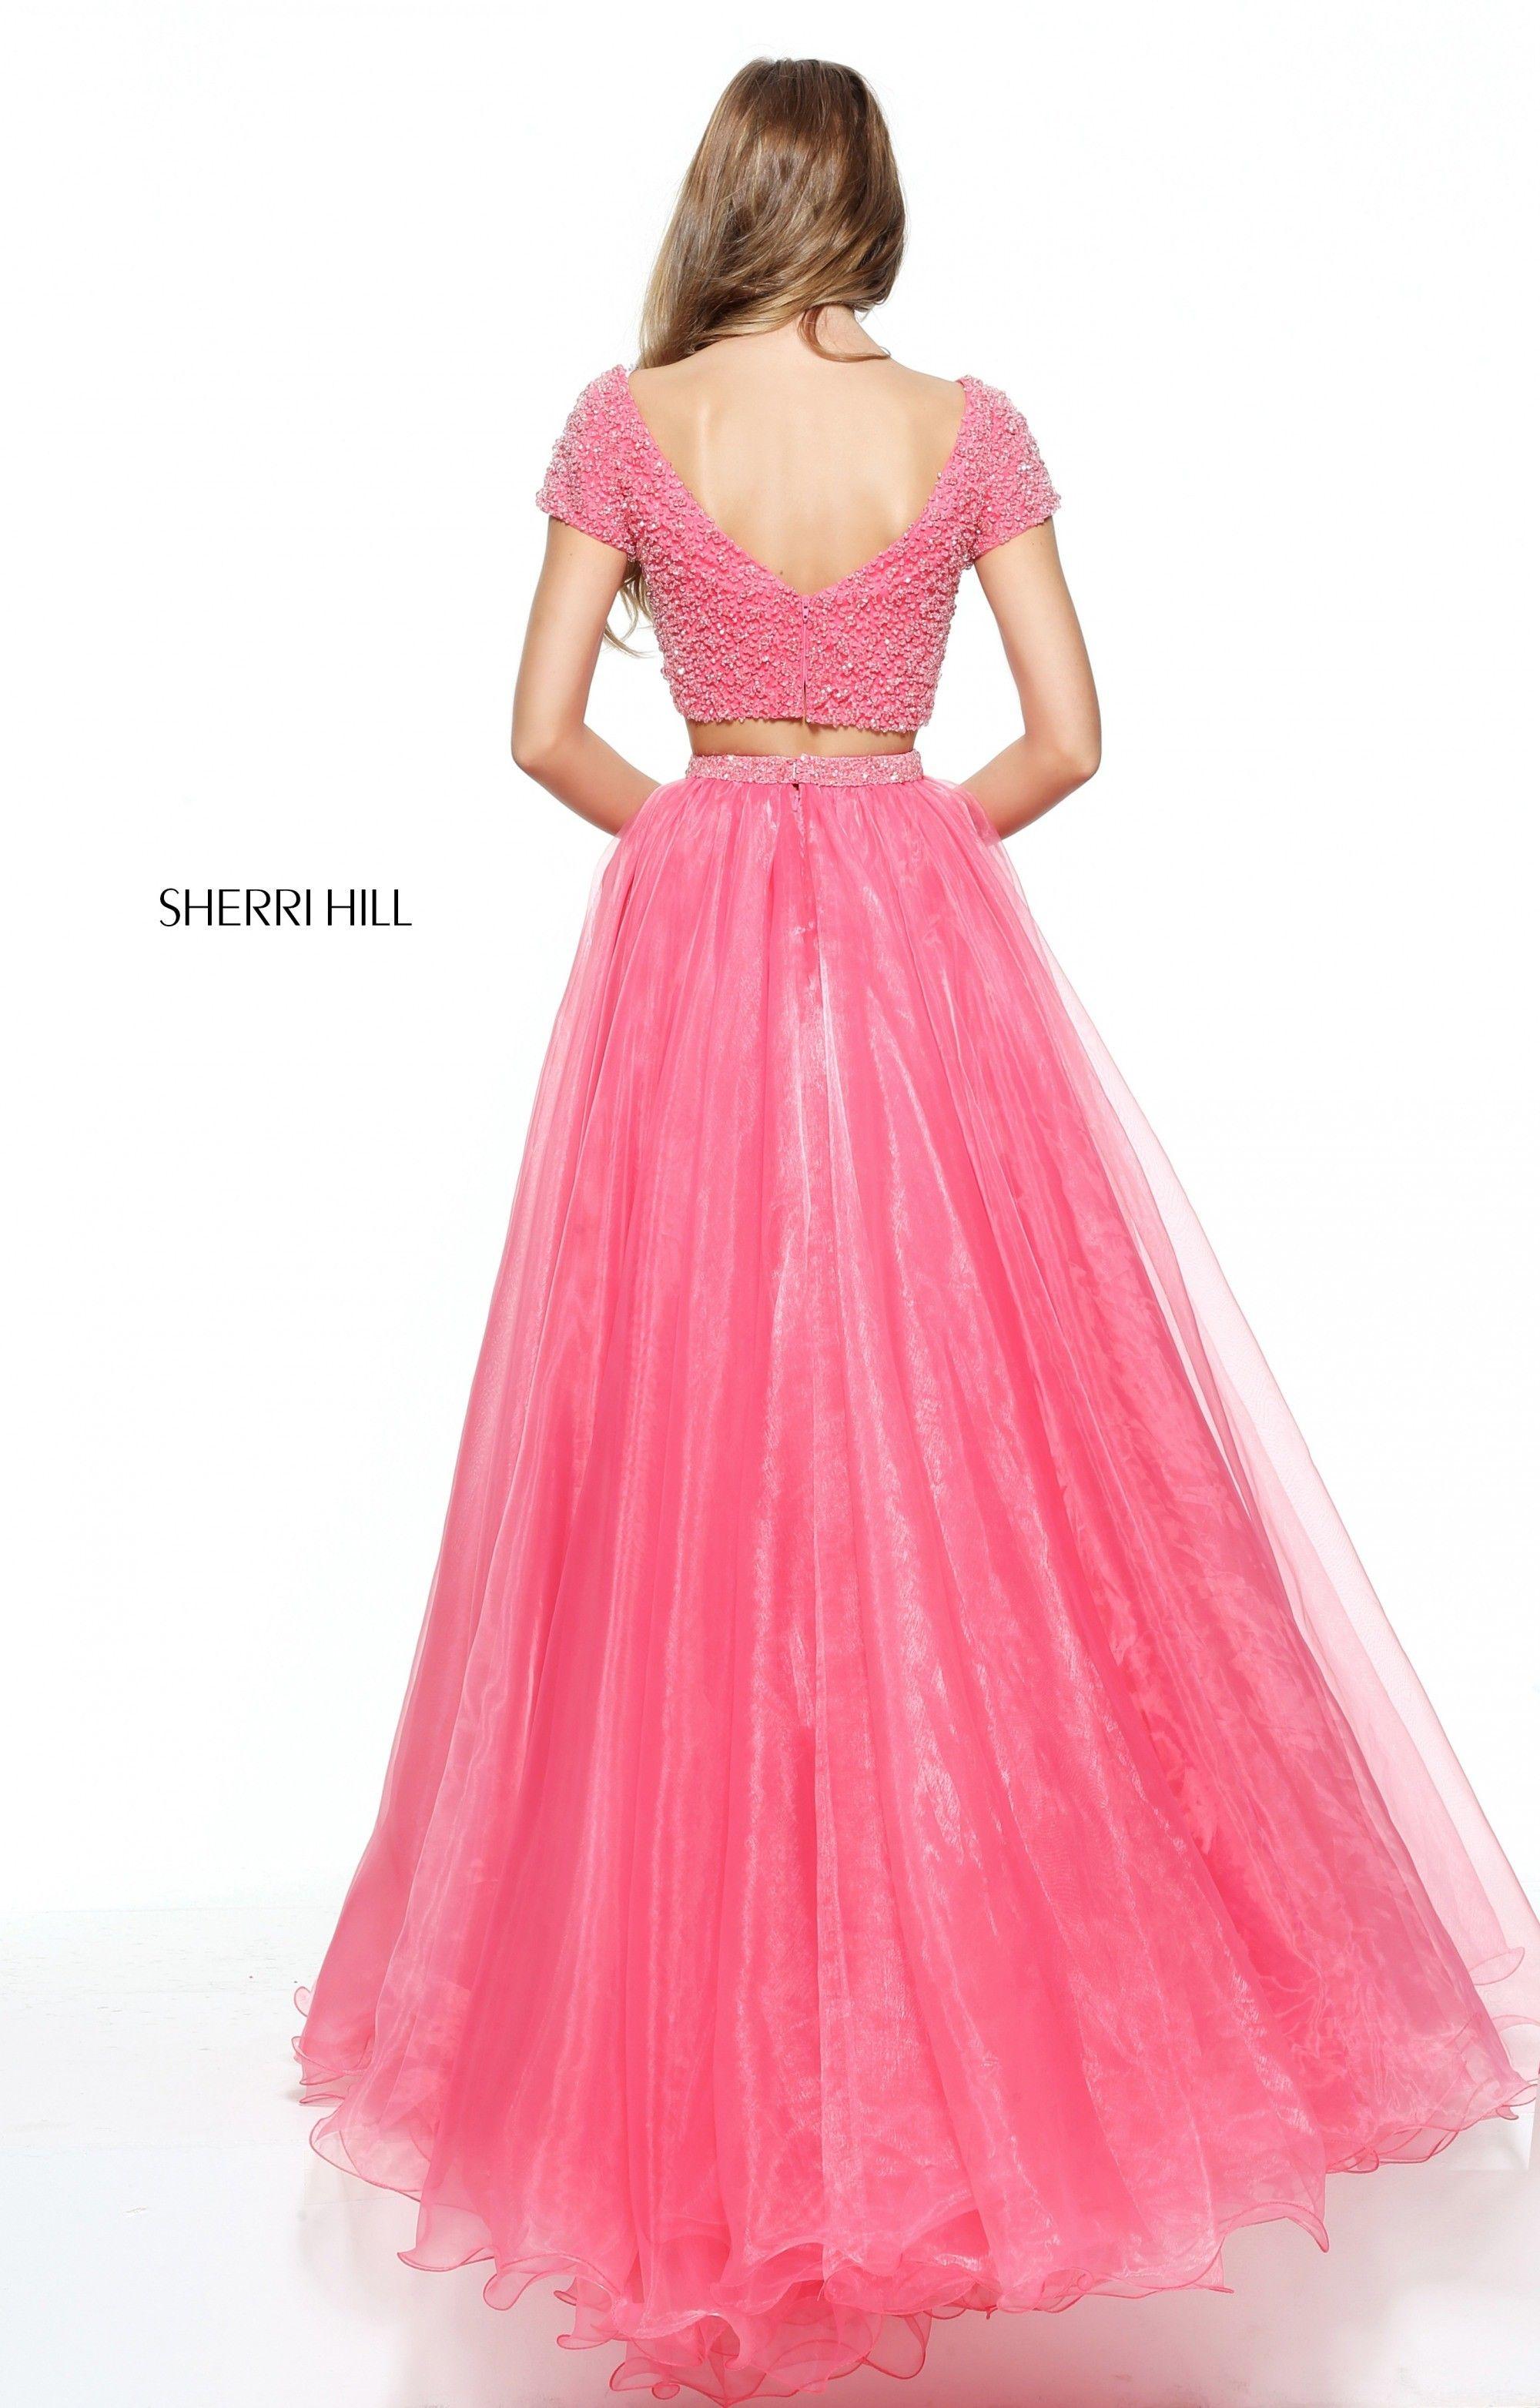 Sherri Hill 51039 Prom Dress | MadameBridal.com #sherri hill #prom dress #